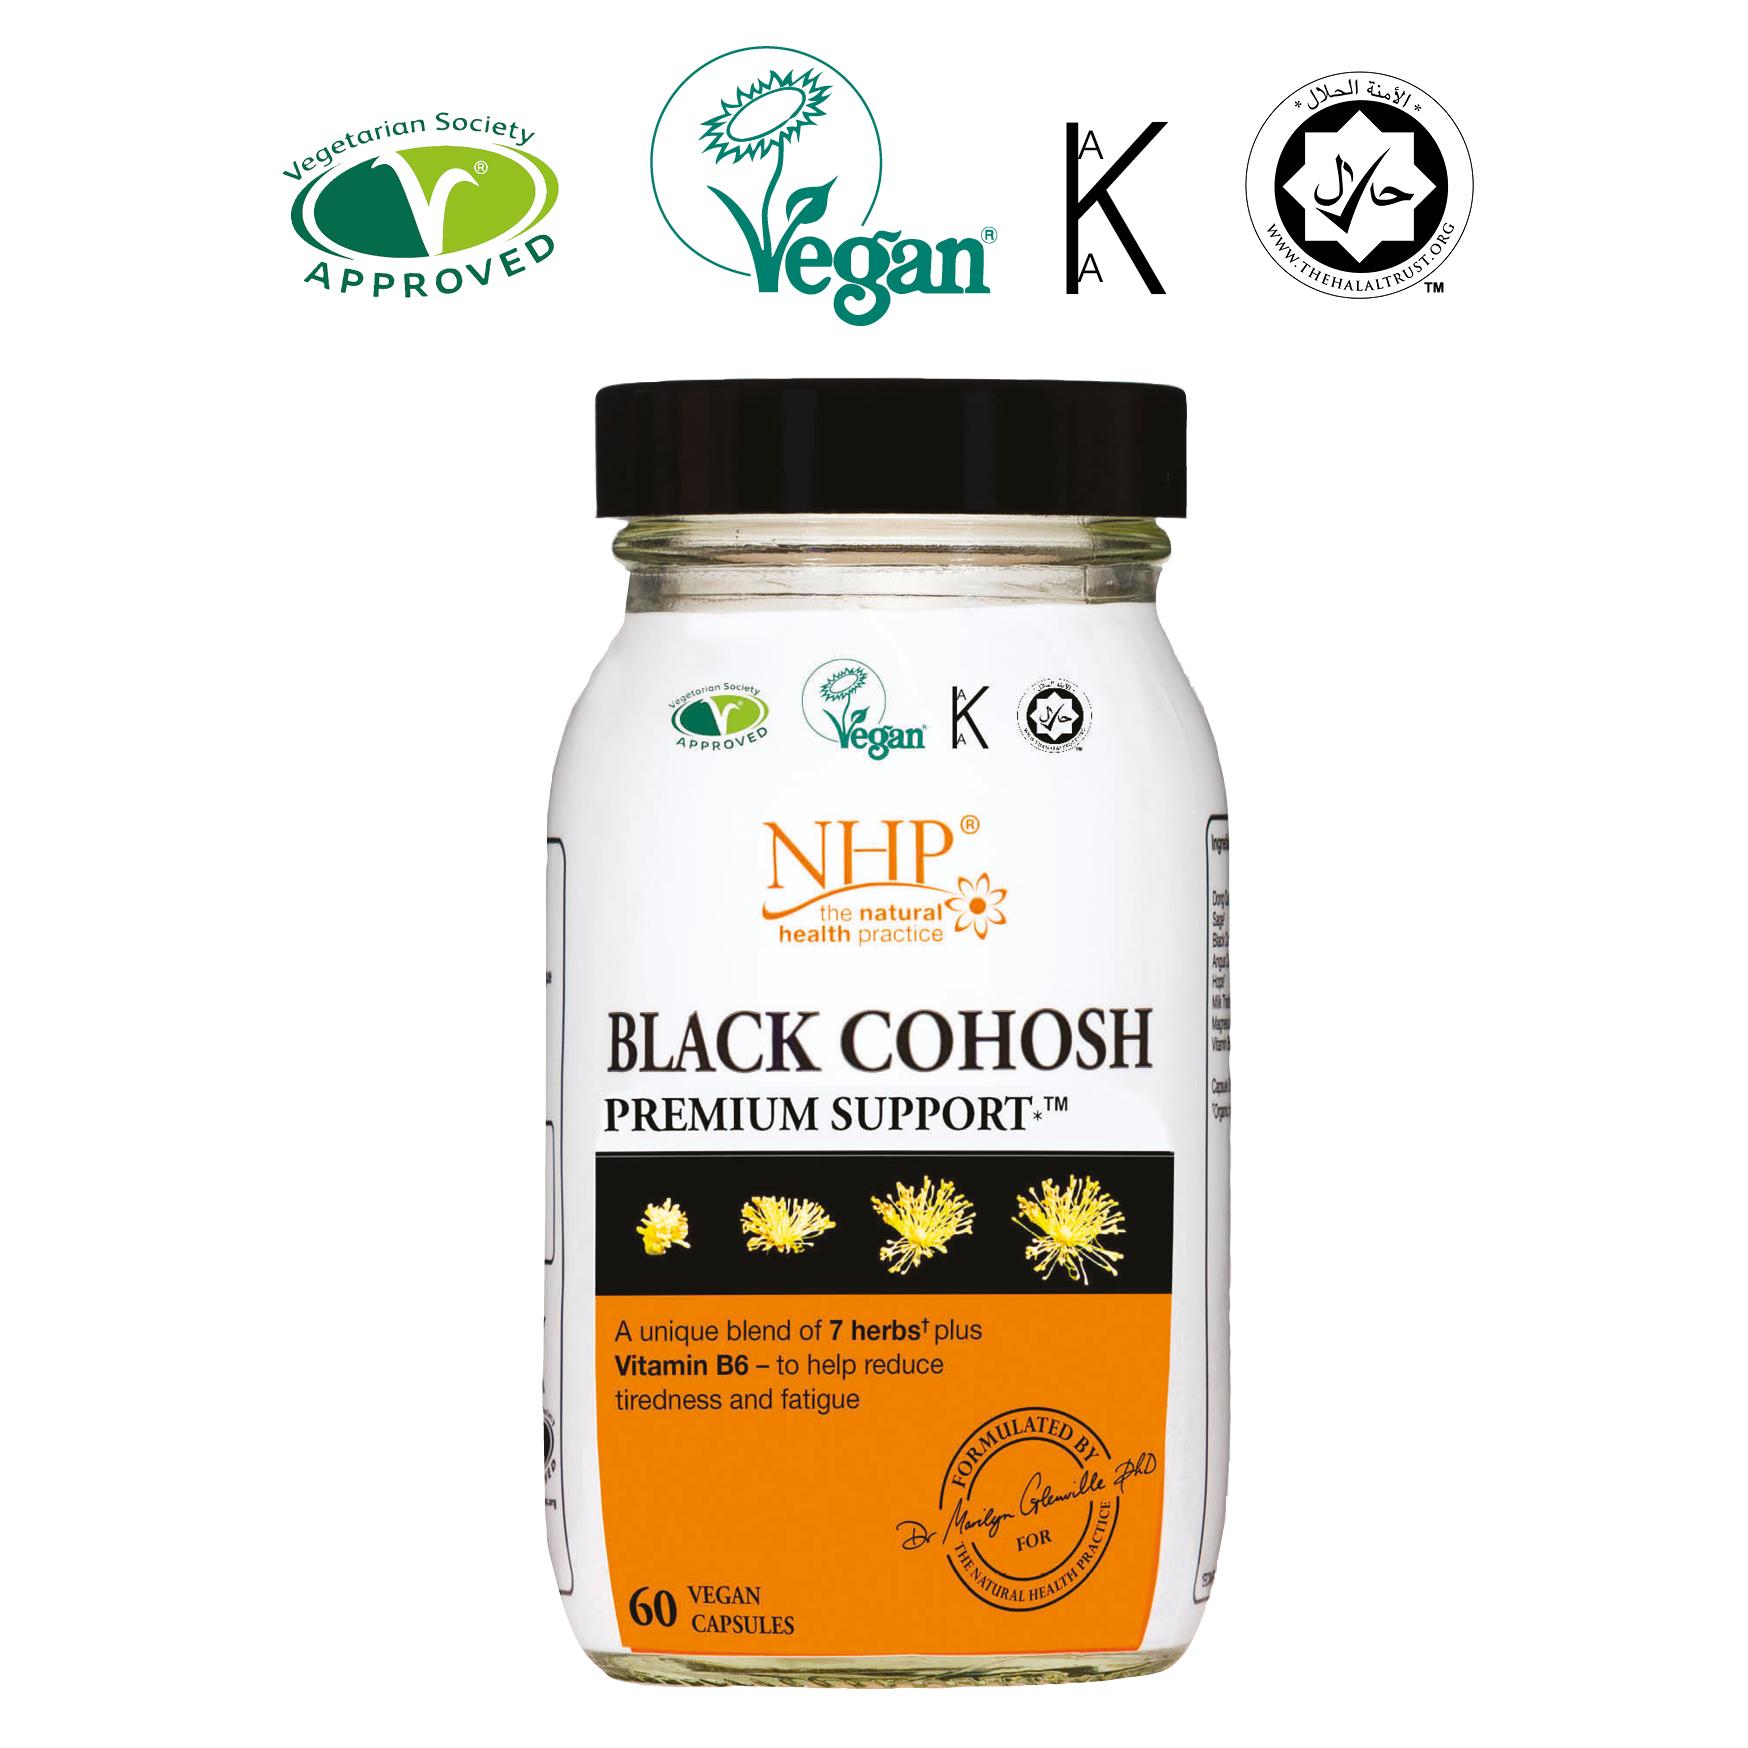 NHP Black Cohosh Premium Support